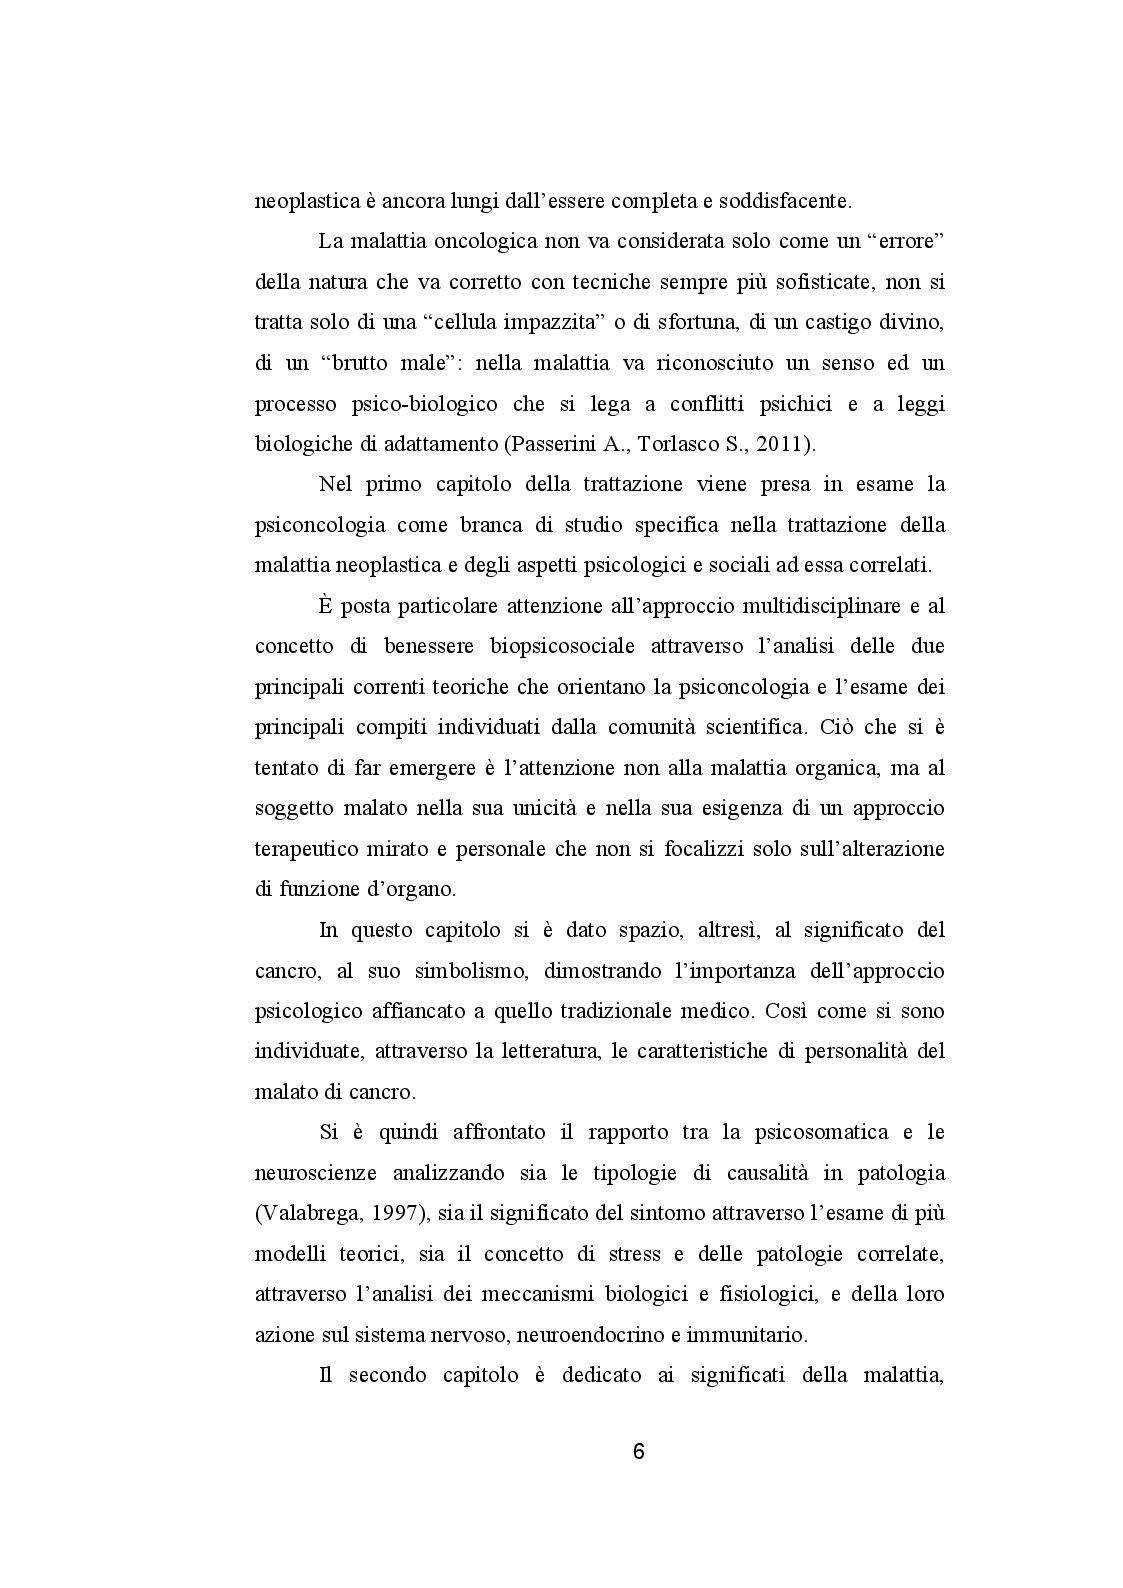 Anteprima della tesi: CANCRO ED EMOZIONI. Implicazioni psicologiche e socio-relazionali nella sindrome psiconeoplastica, Pagina 4